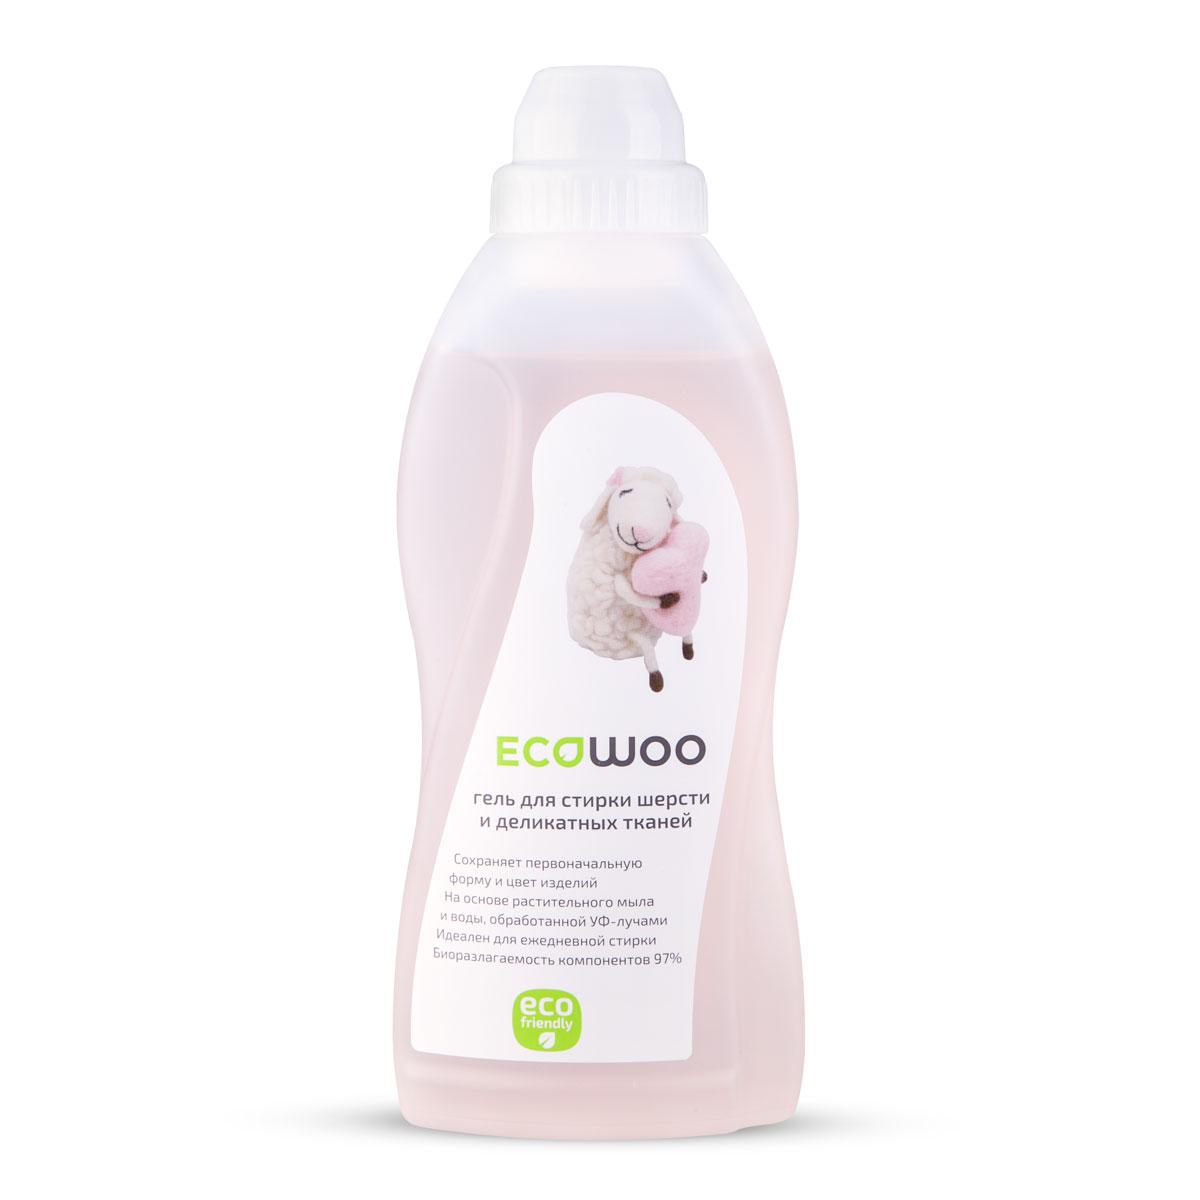 Гель EcoWoo для стирки шерсти и деликатных тканей, 0,7 л ecowoo